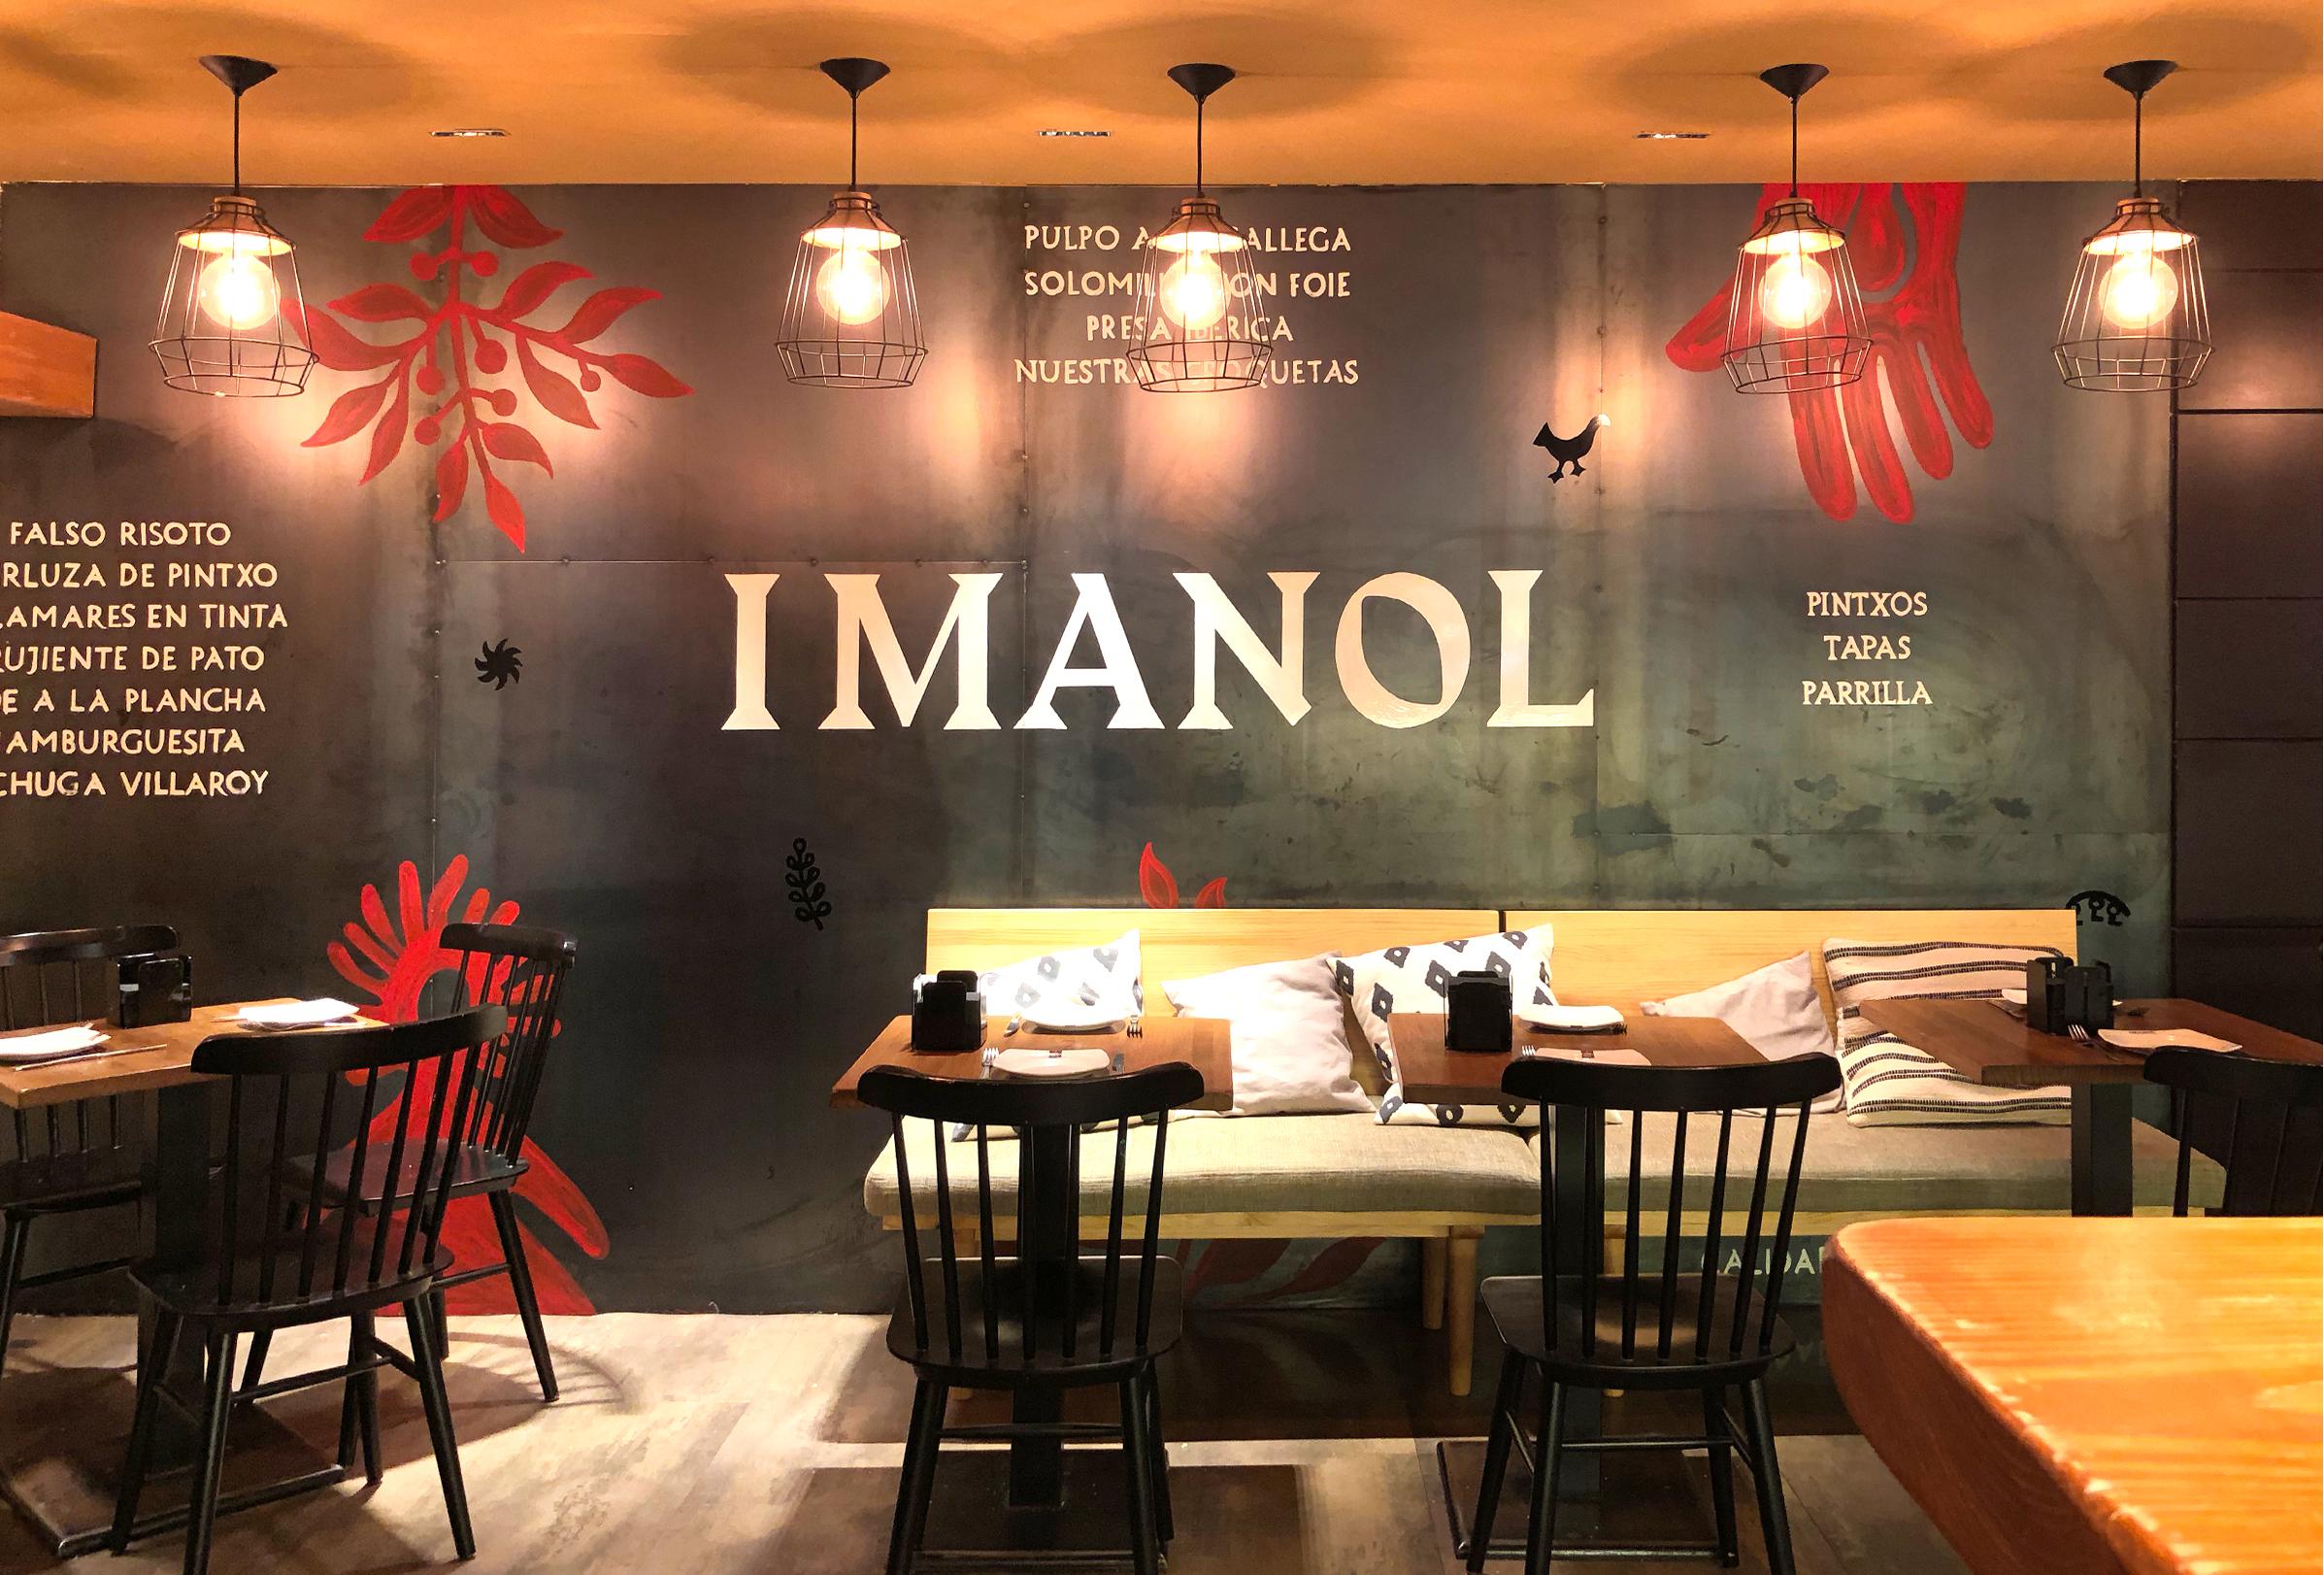 imanol-angel-espinosa-011